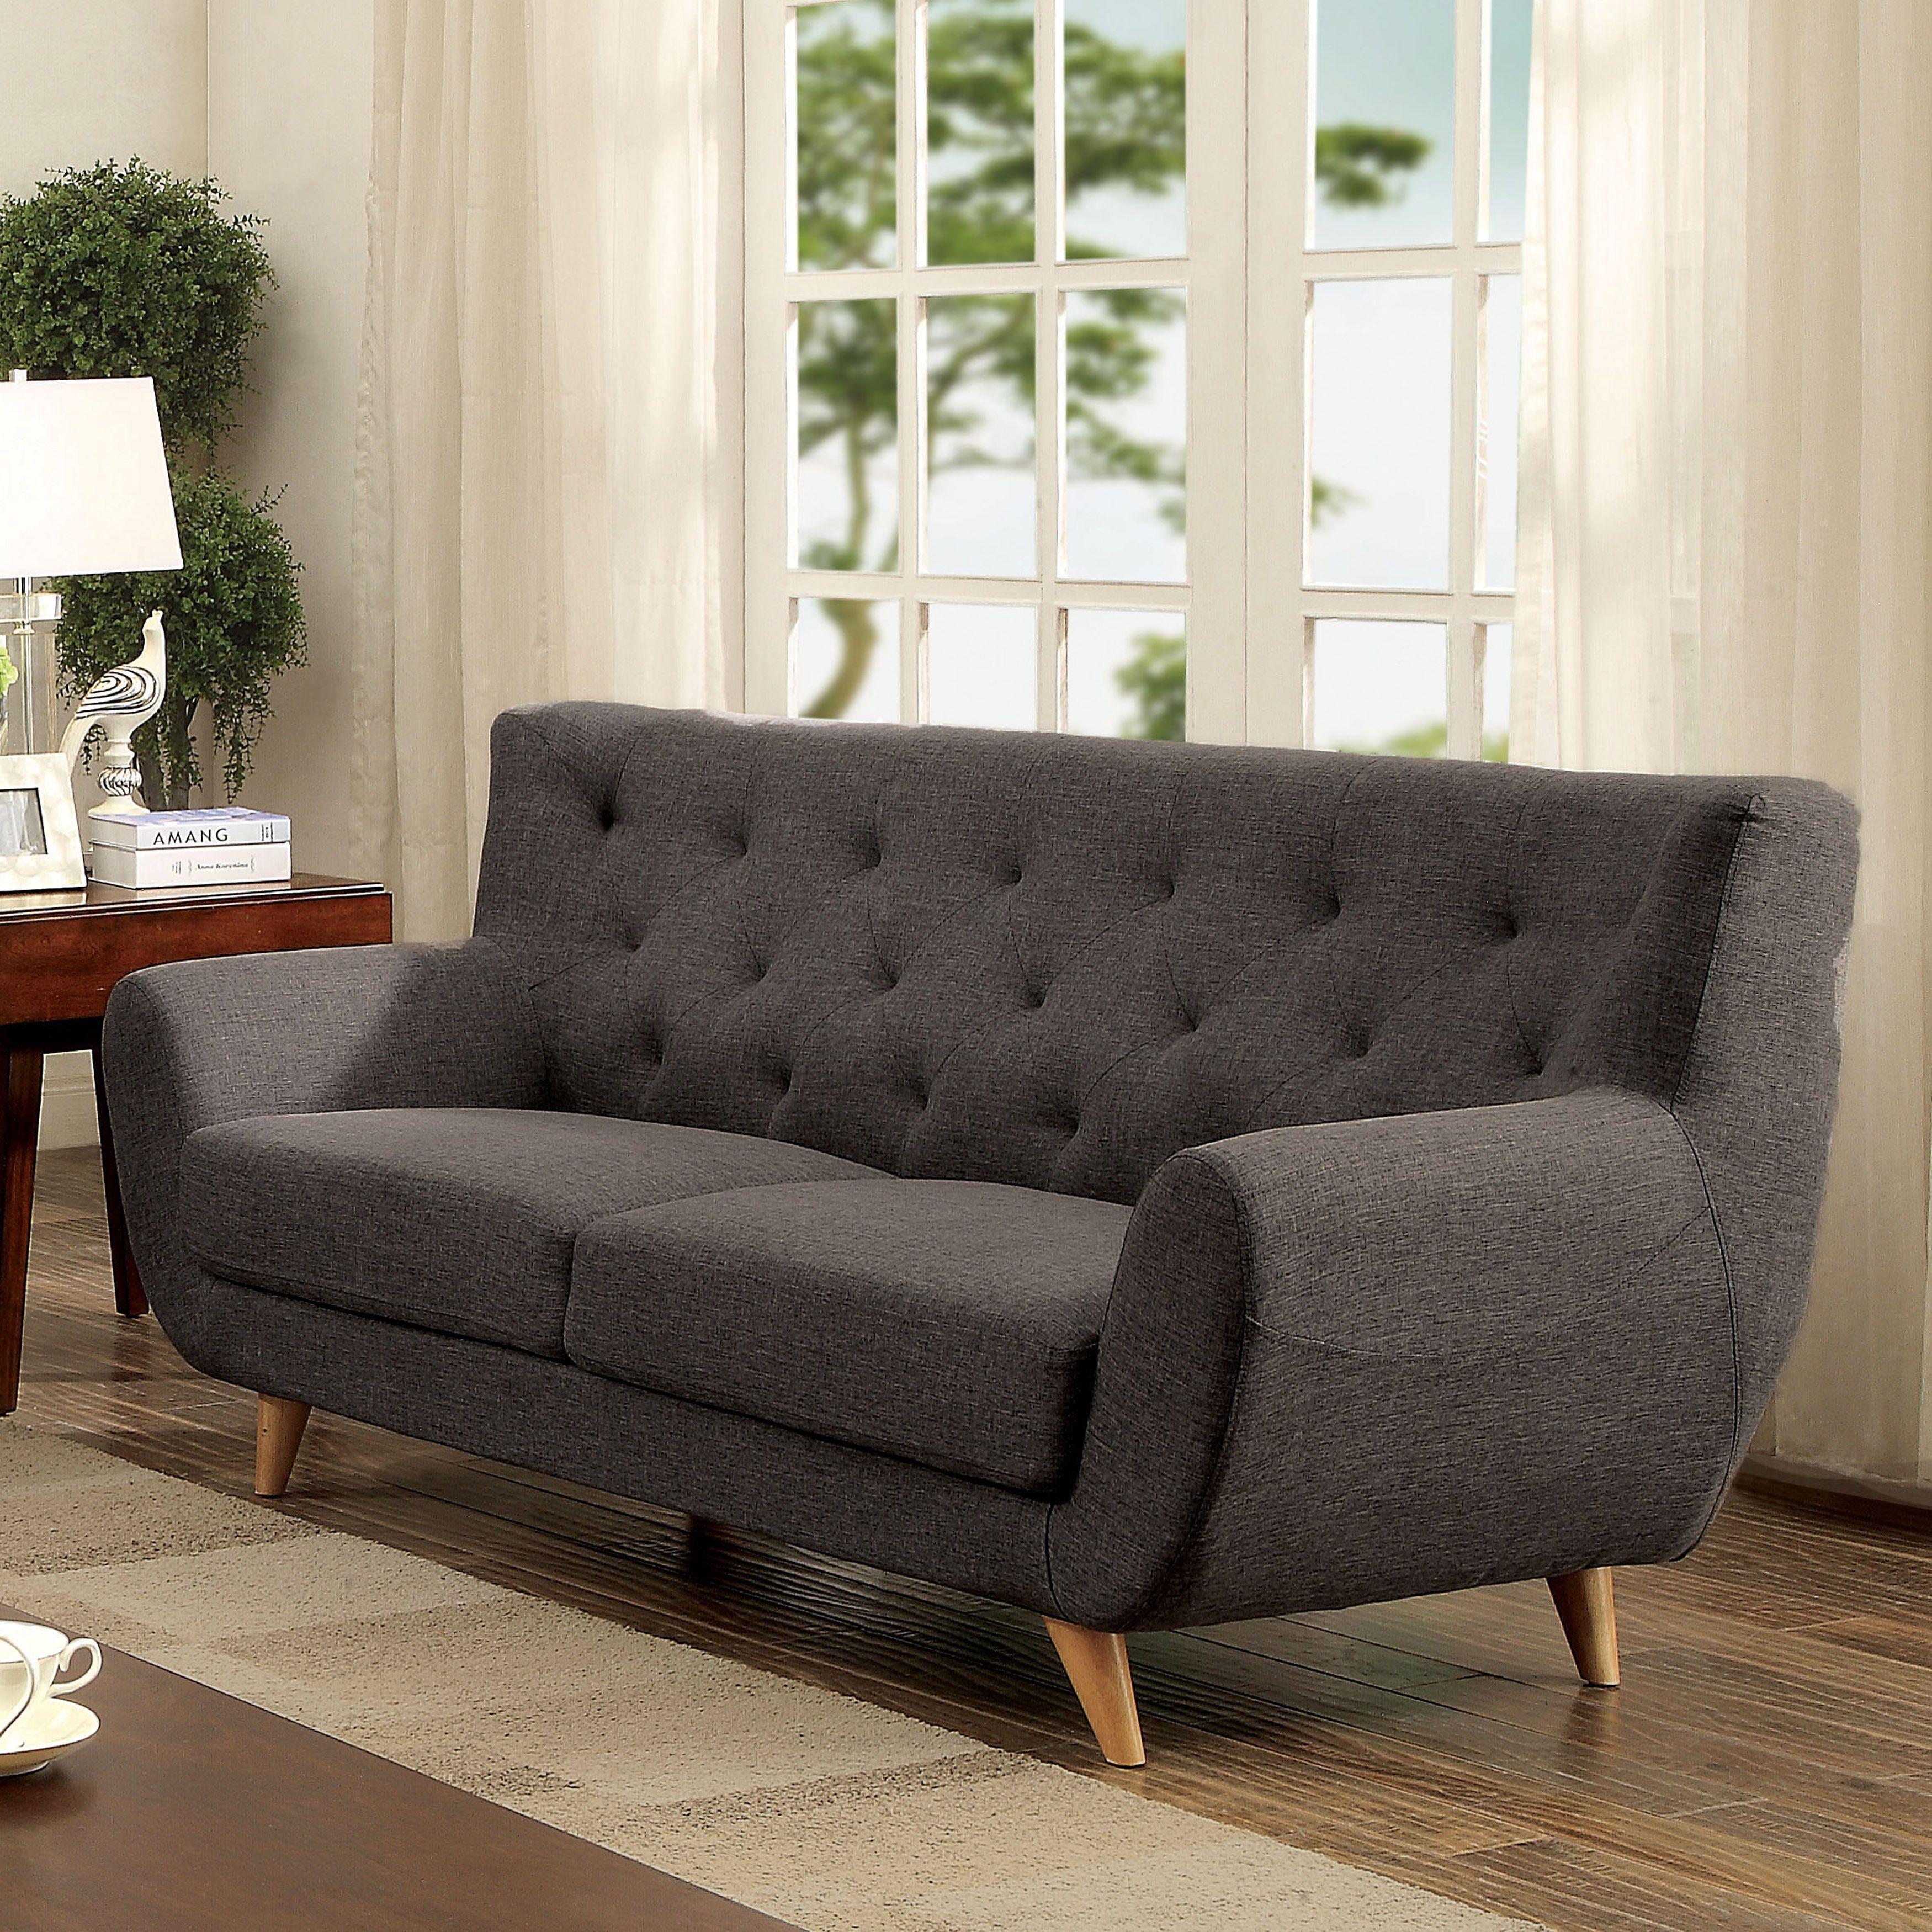 Marvelous Furniture Of America Rina Mid Century Modern Tufted Linen Like Upholstered  Sofa (Light